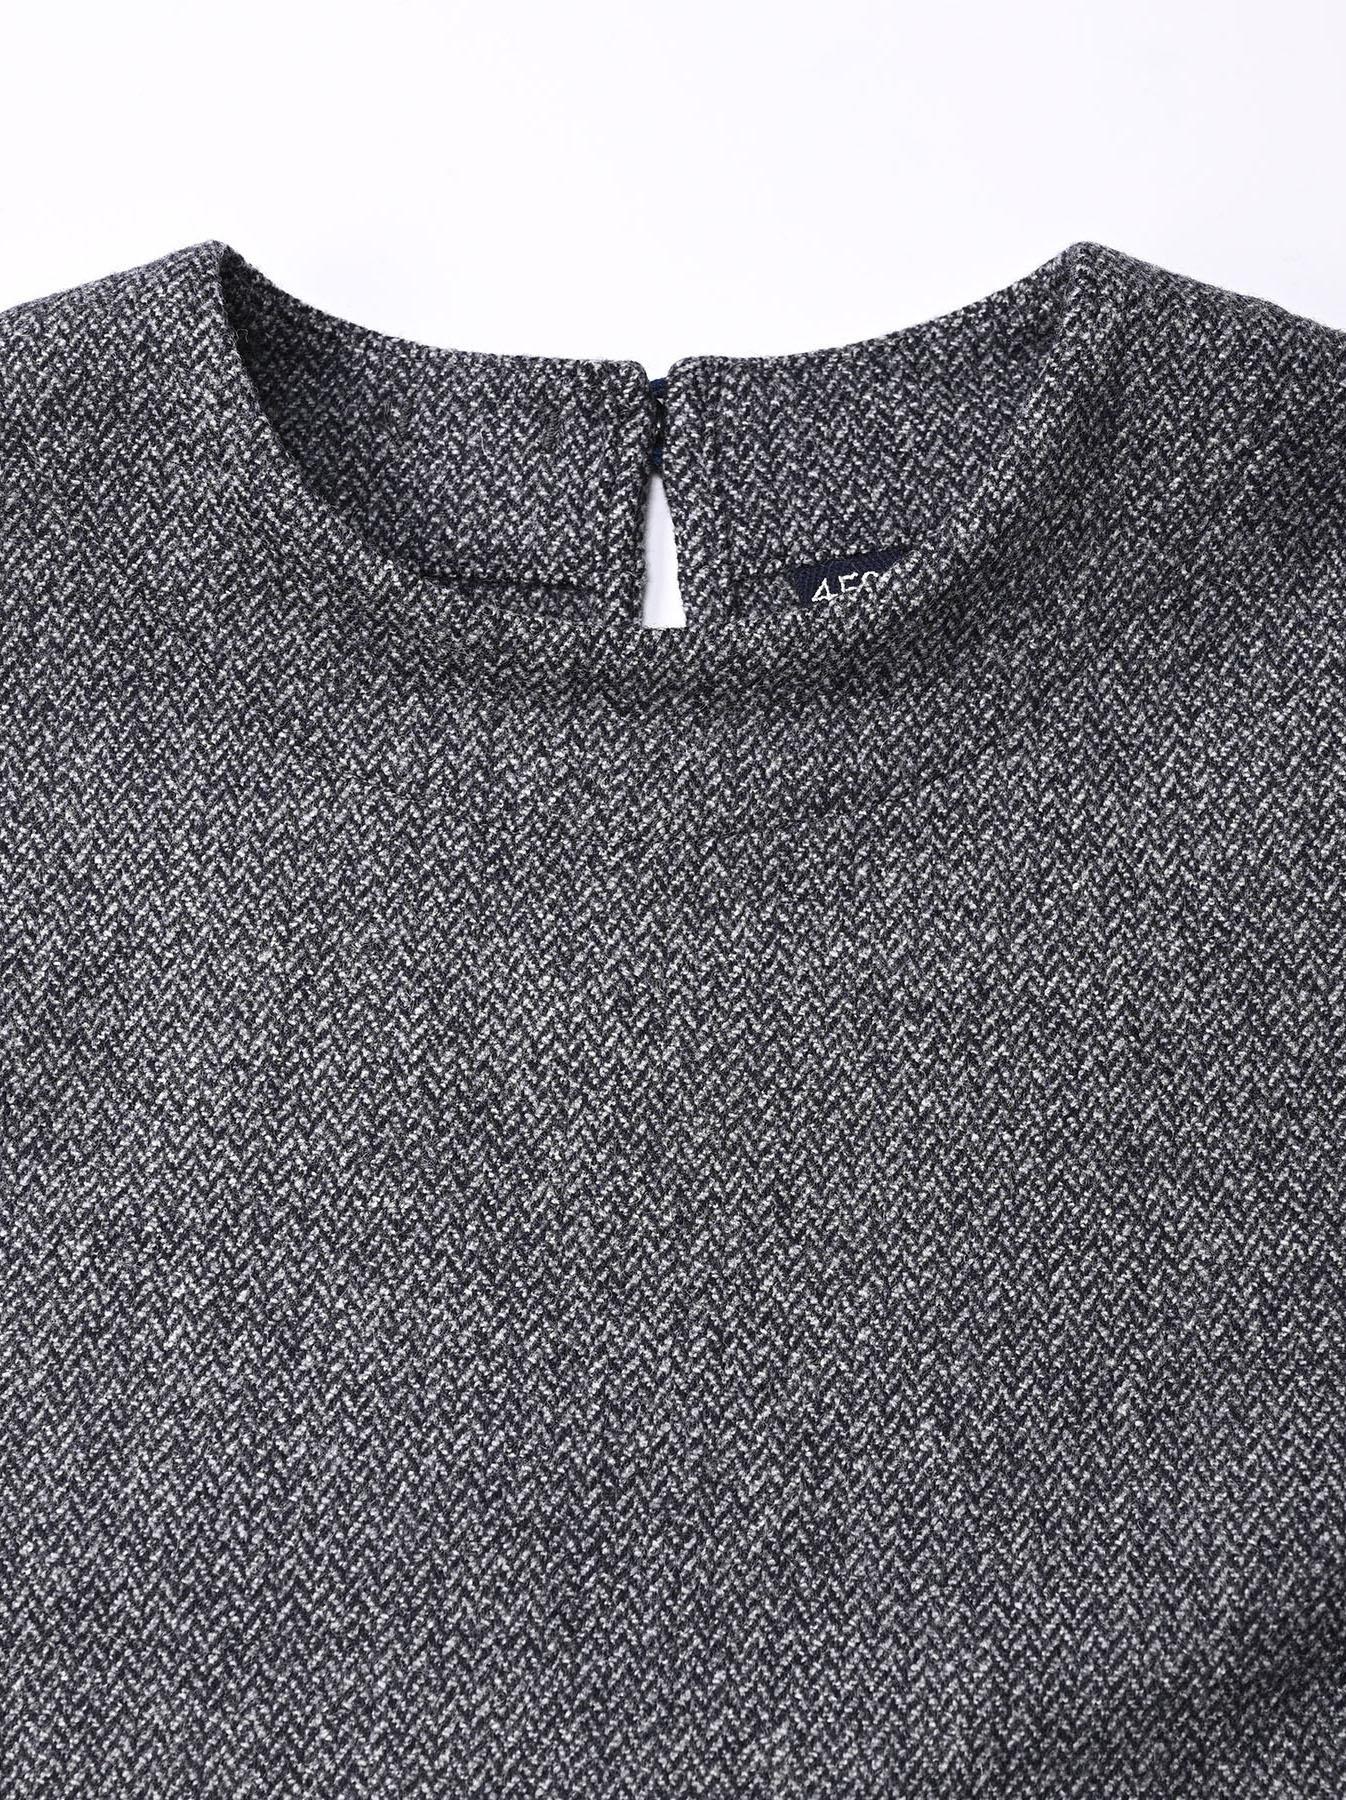 Wool Tweed Stretch Dress-5